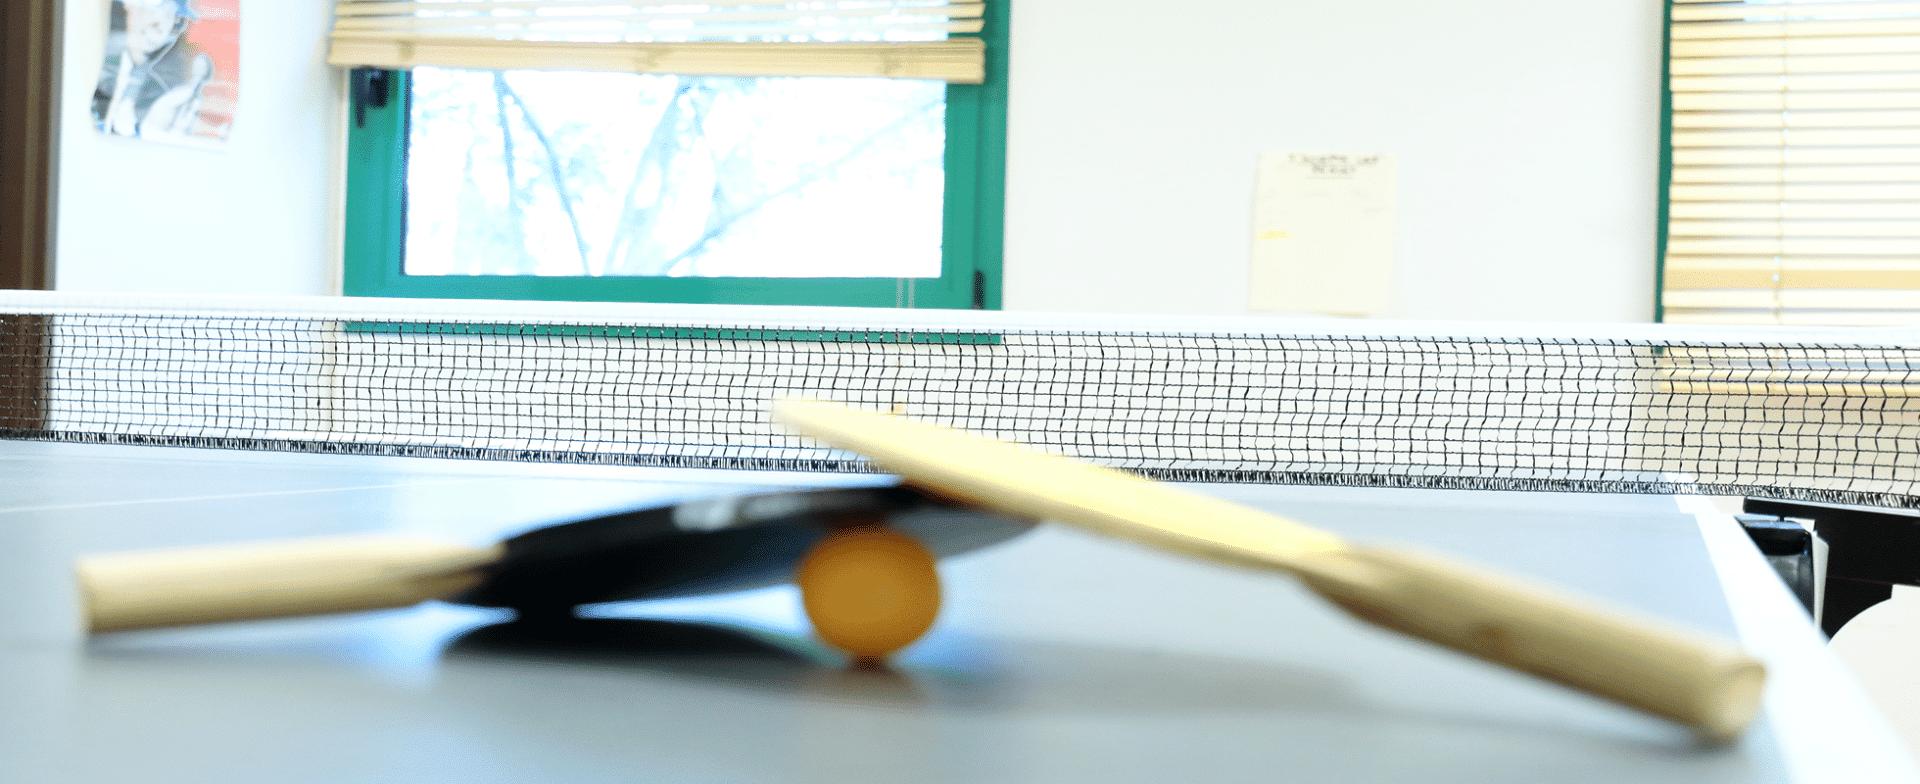 SESSAD De Pissaloup table de ping pong